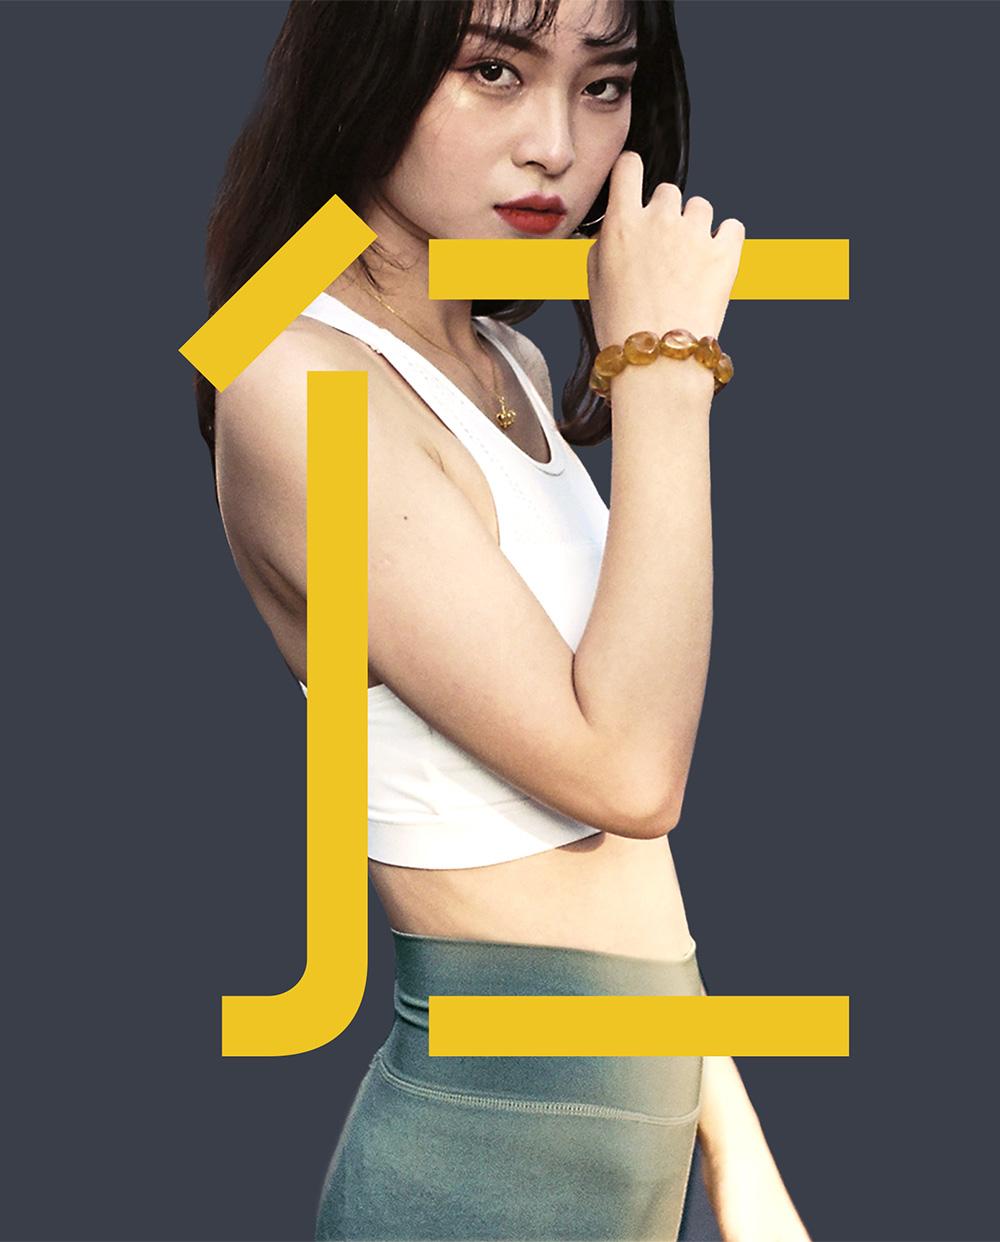 2_JEN_Model_UPDATED